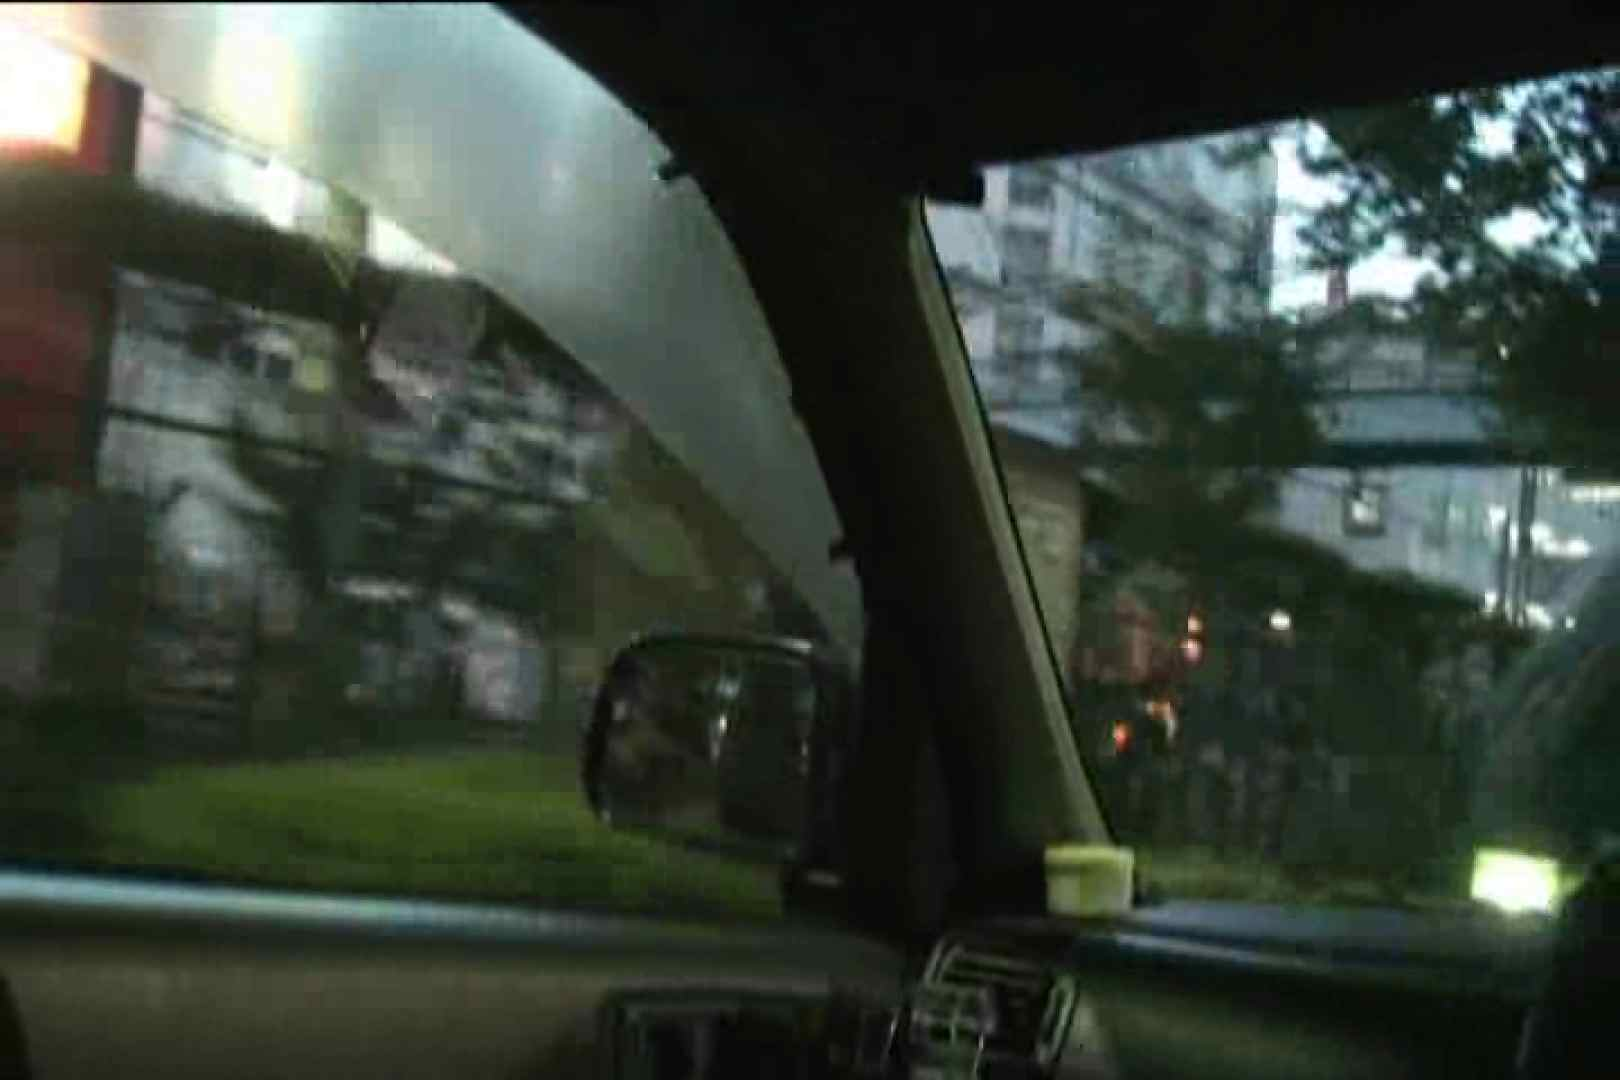 車内で初めまして! vol01 エッチ見放題 アダルト動画キャプチャ 102PIX 3